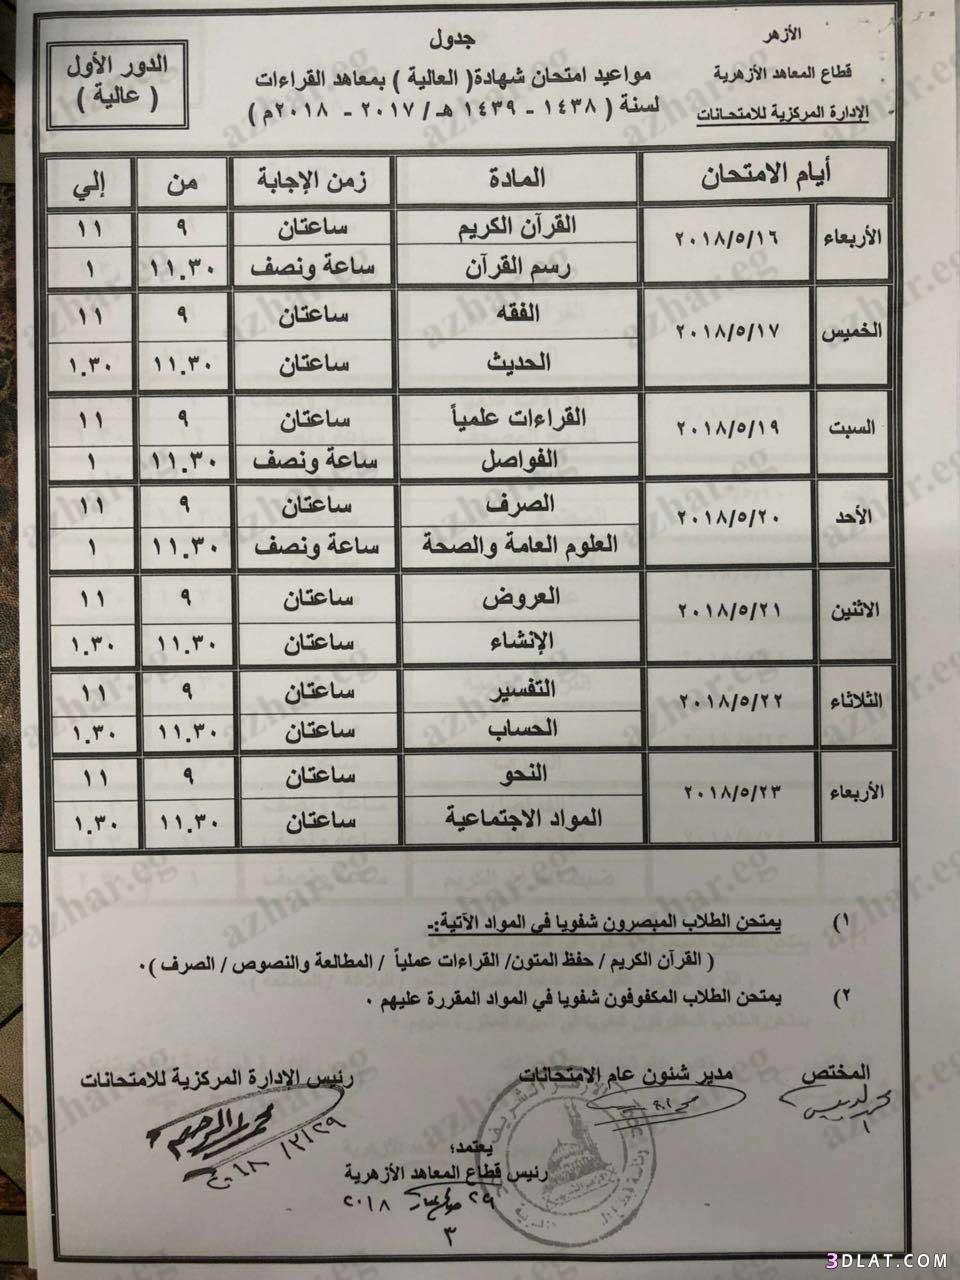 جدول امتحانات الترم الثاني معاهد القراءات 3dlat.com_21_18_258e